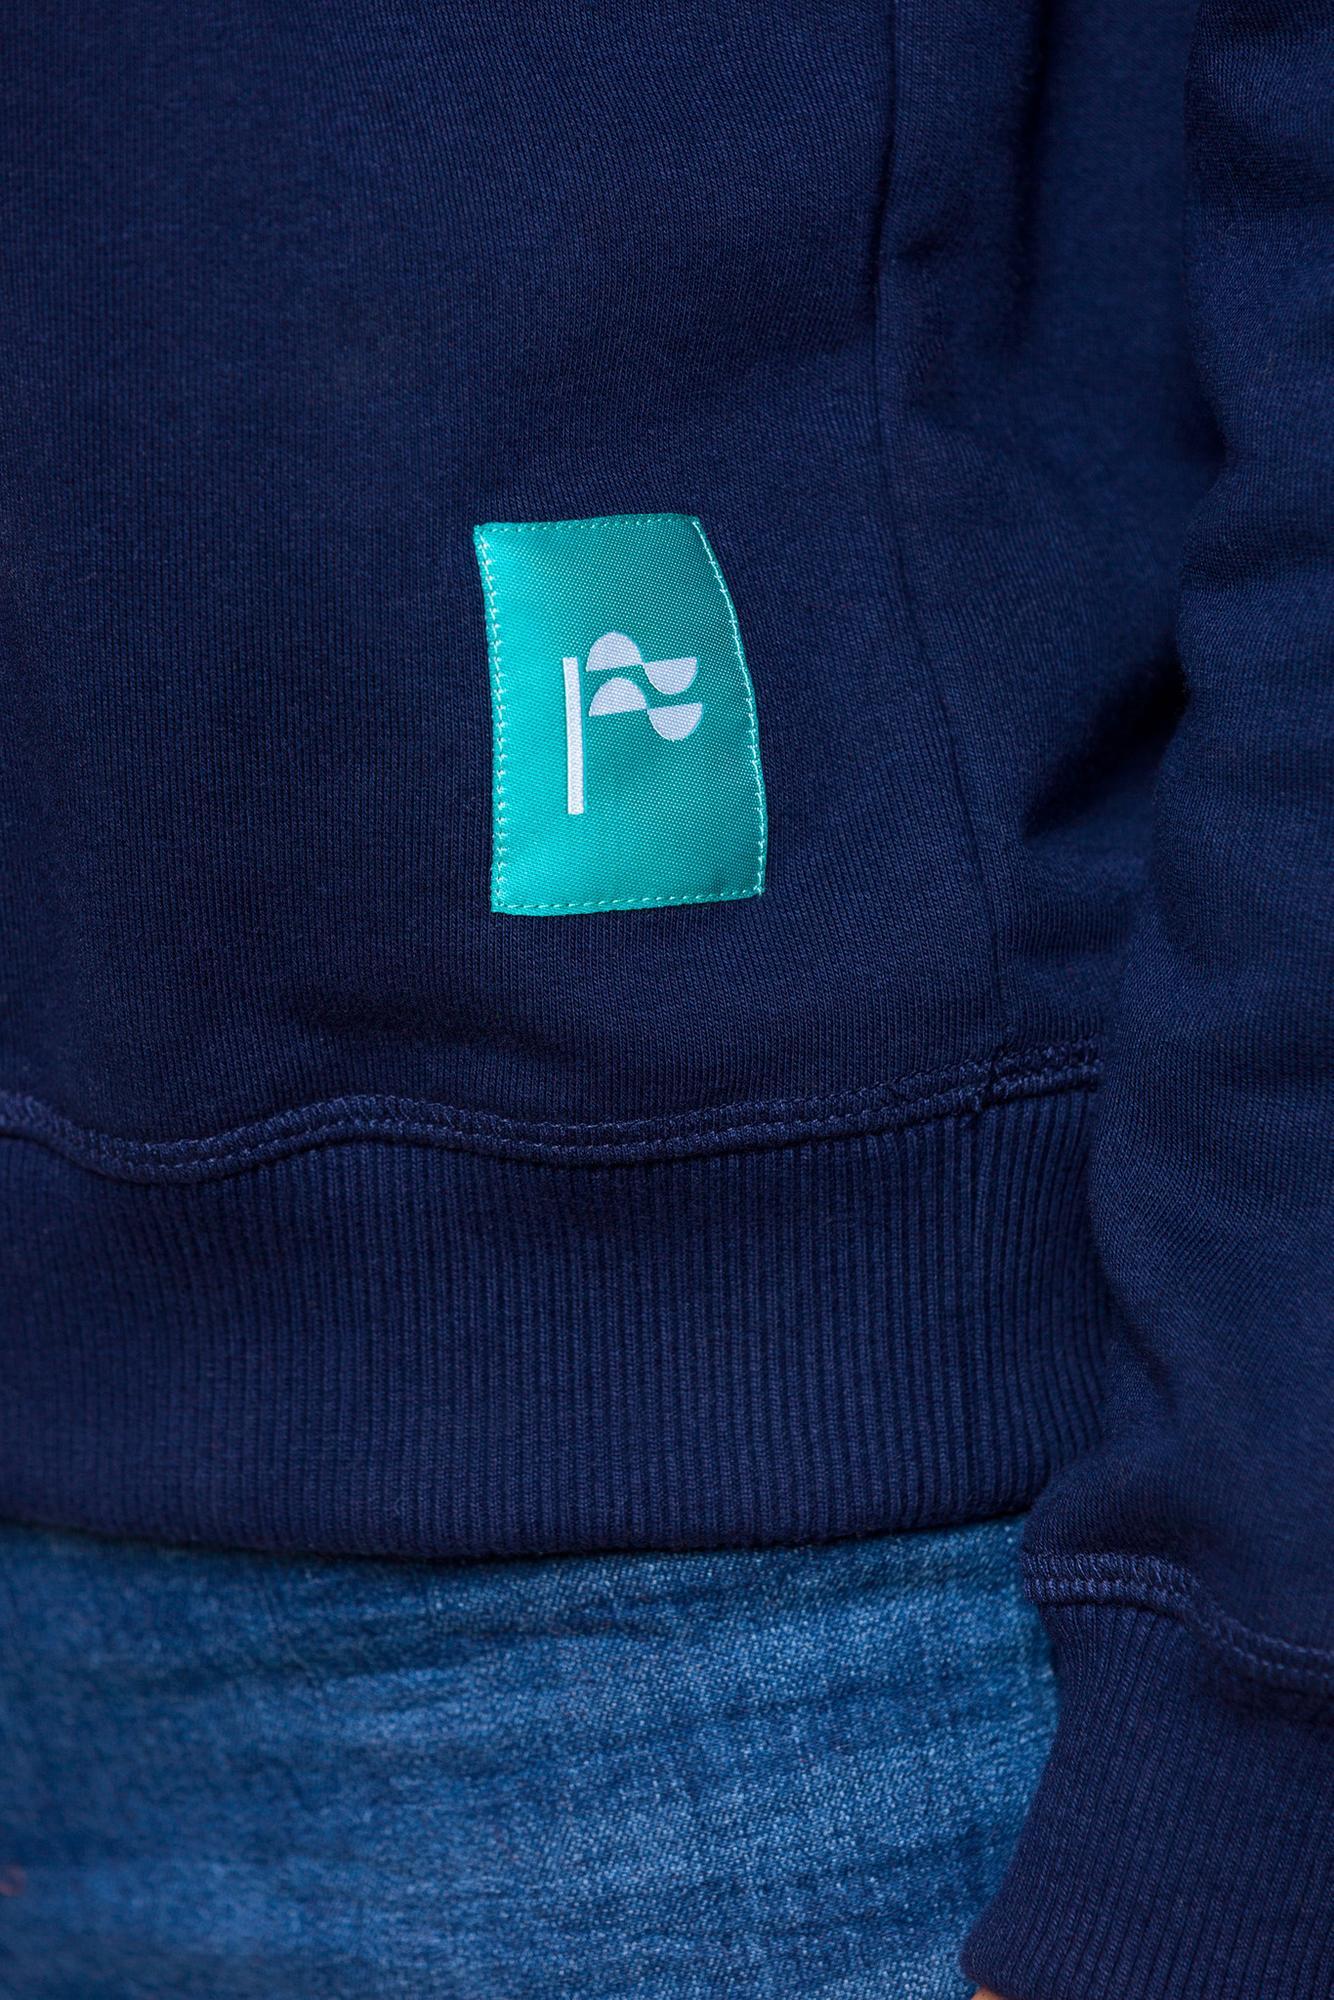 BLUZA HAFTOWANA DAMSKA - RĘKA - bluza granatowa- Republic of Patterns